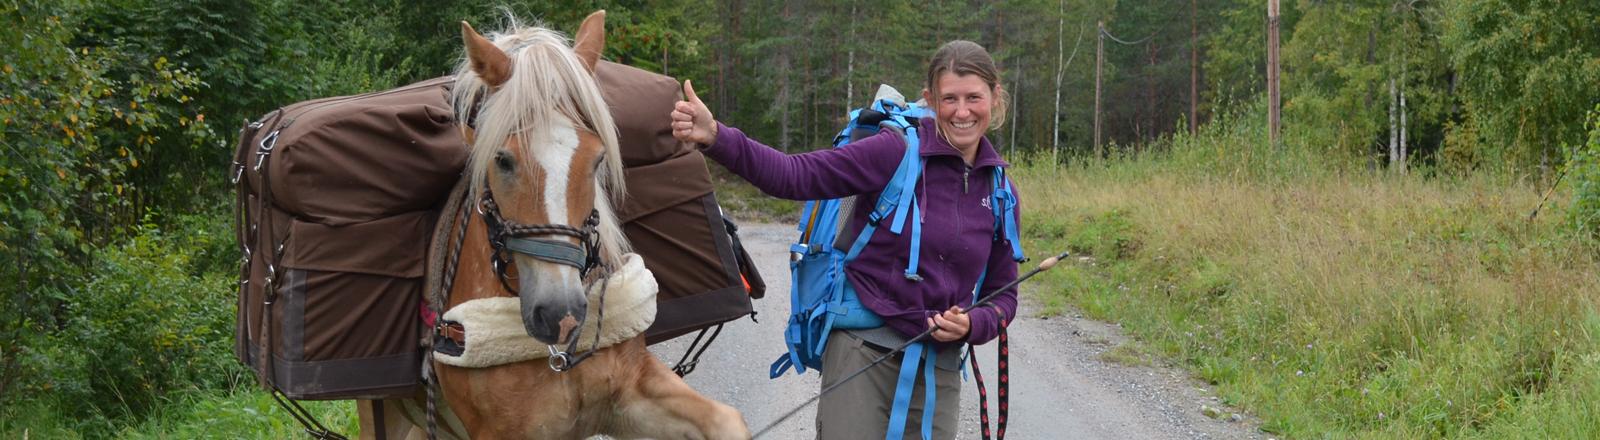 Fußmarsch von Lappland nach Wewelsfleth - Sarah Langmaack mit Pferd und Hund.